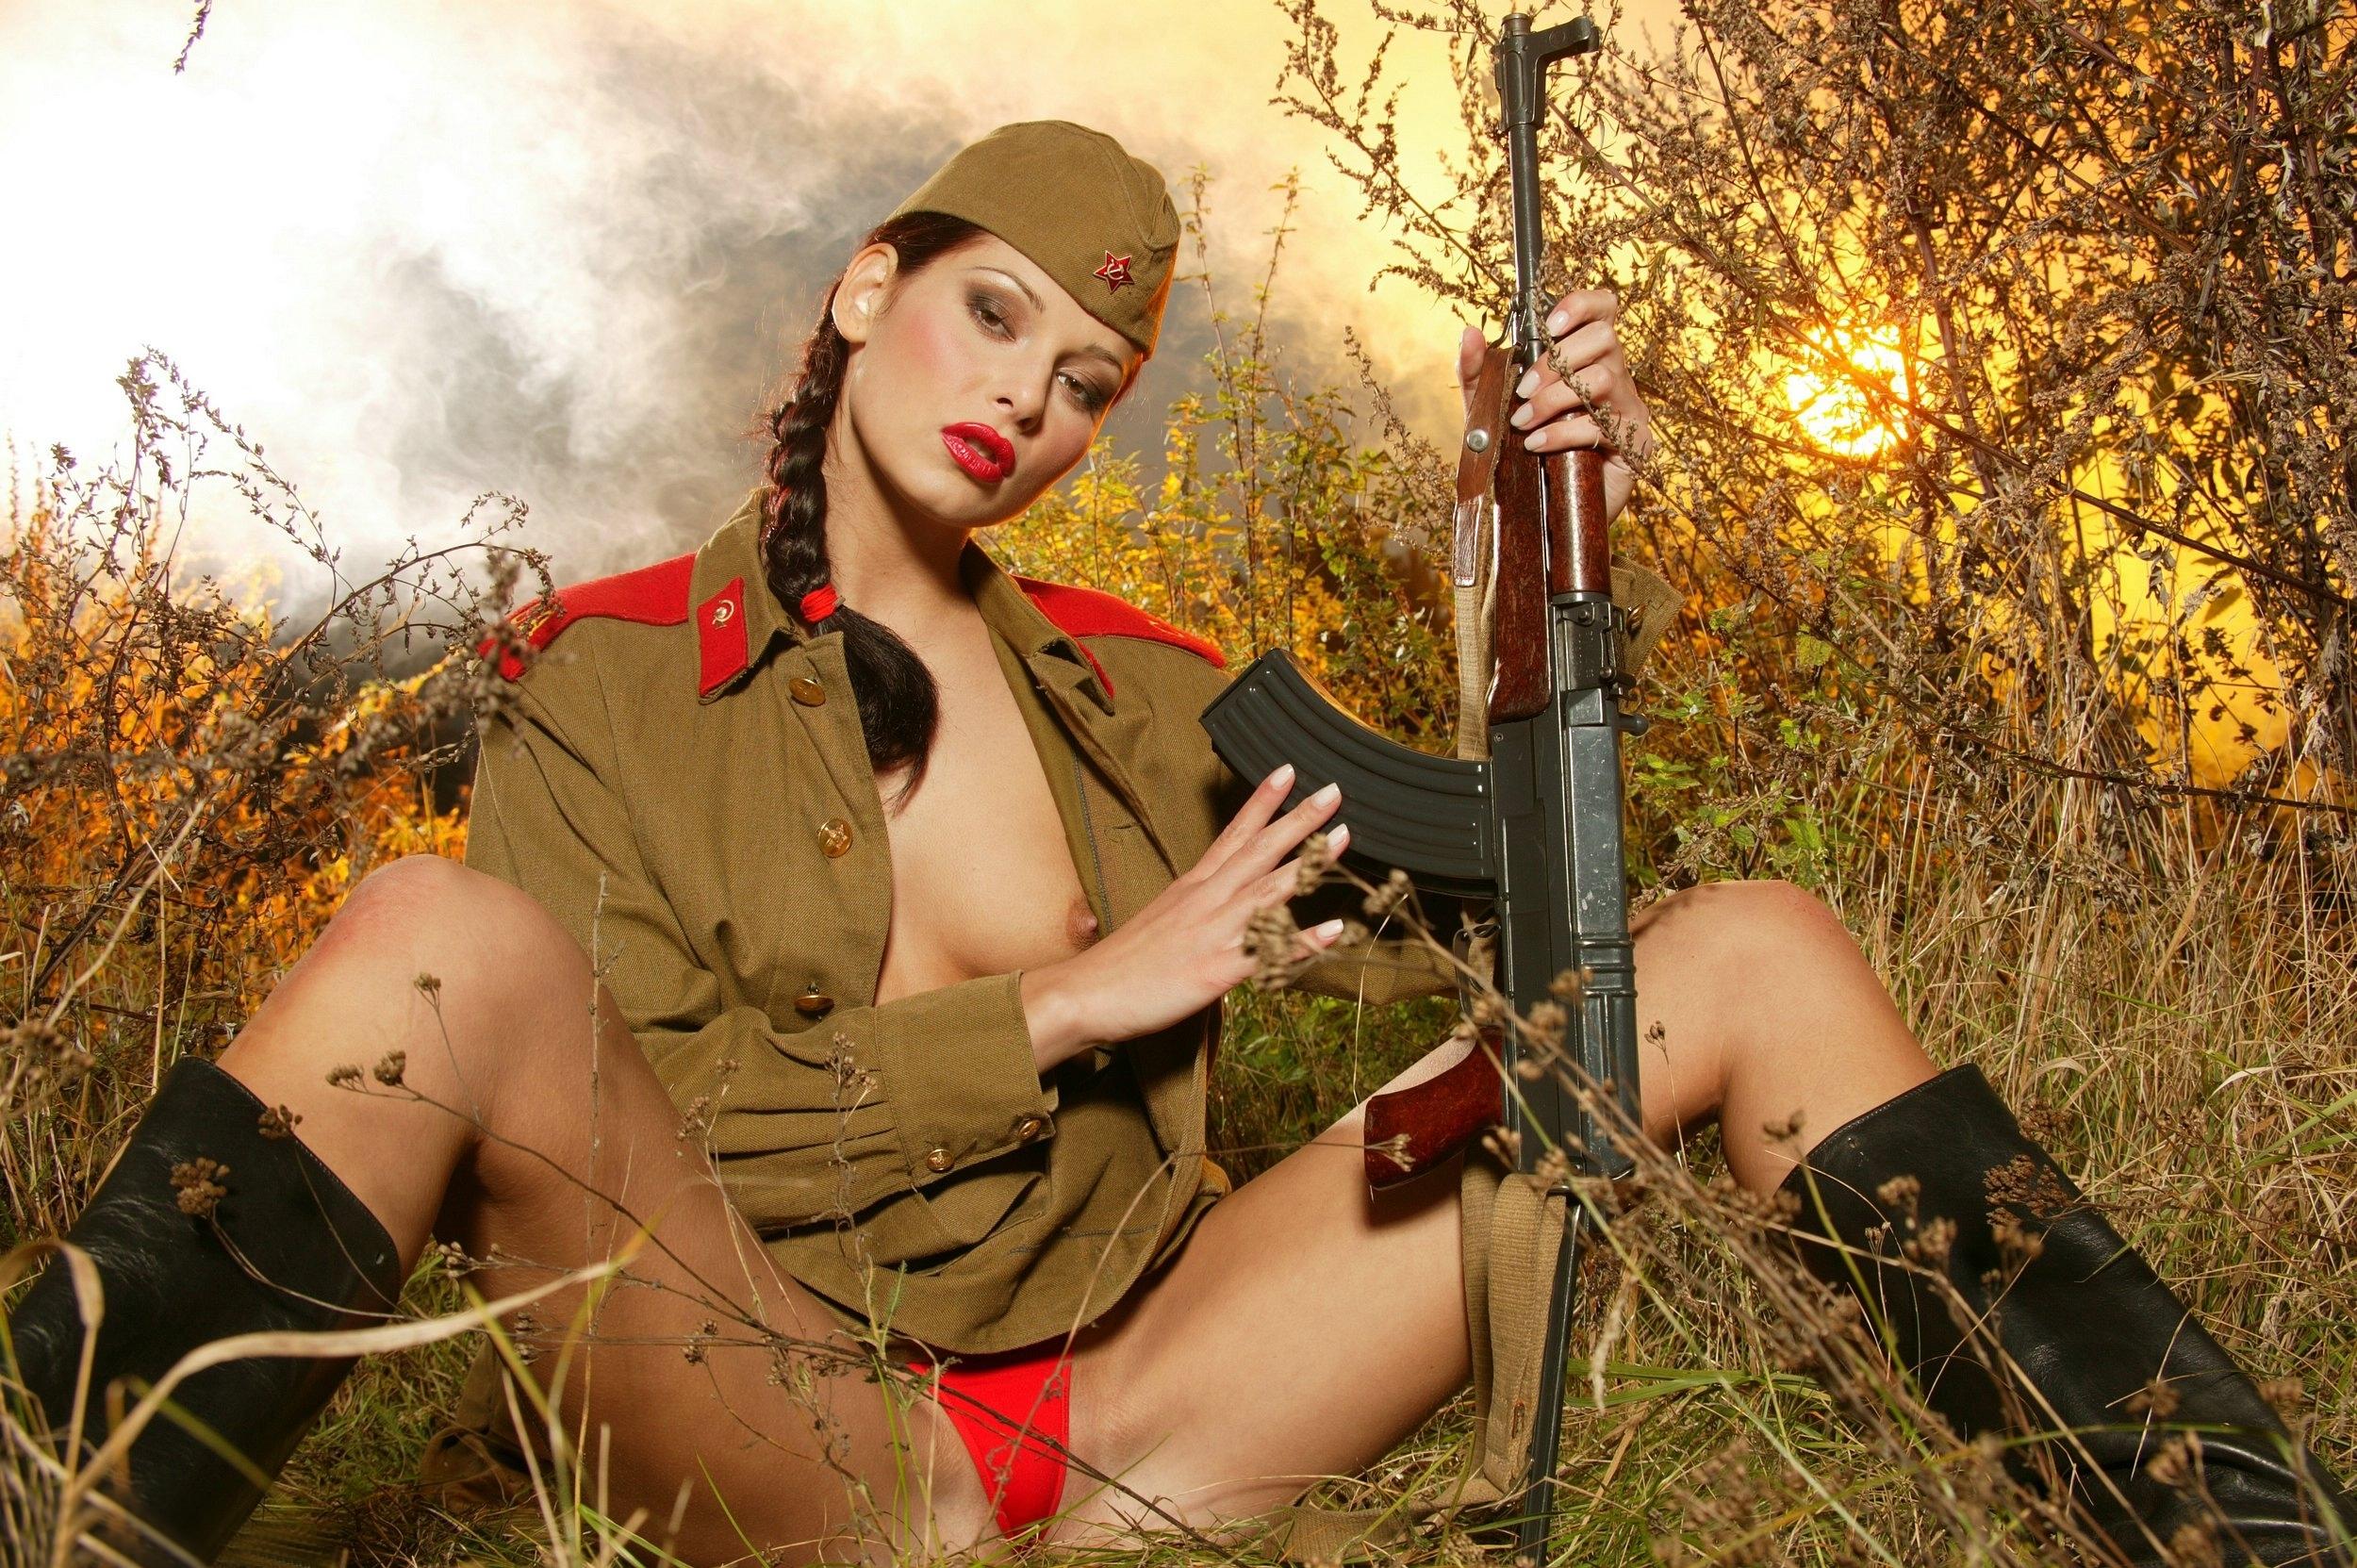 Сиськи секс в армии 15 фотография